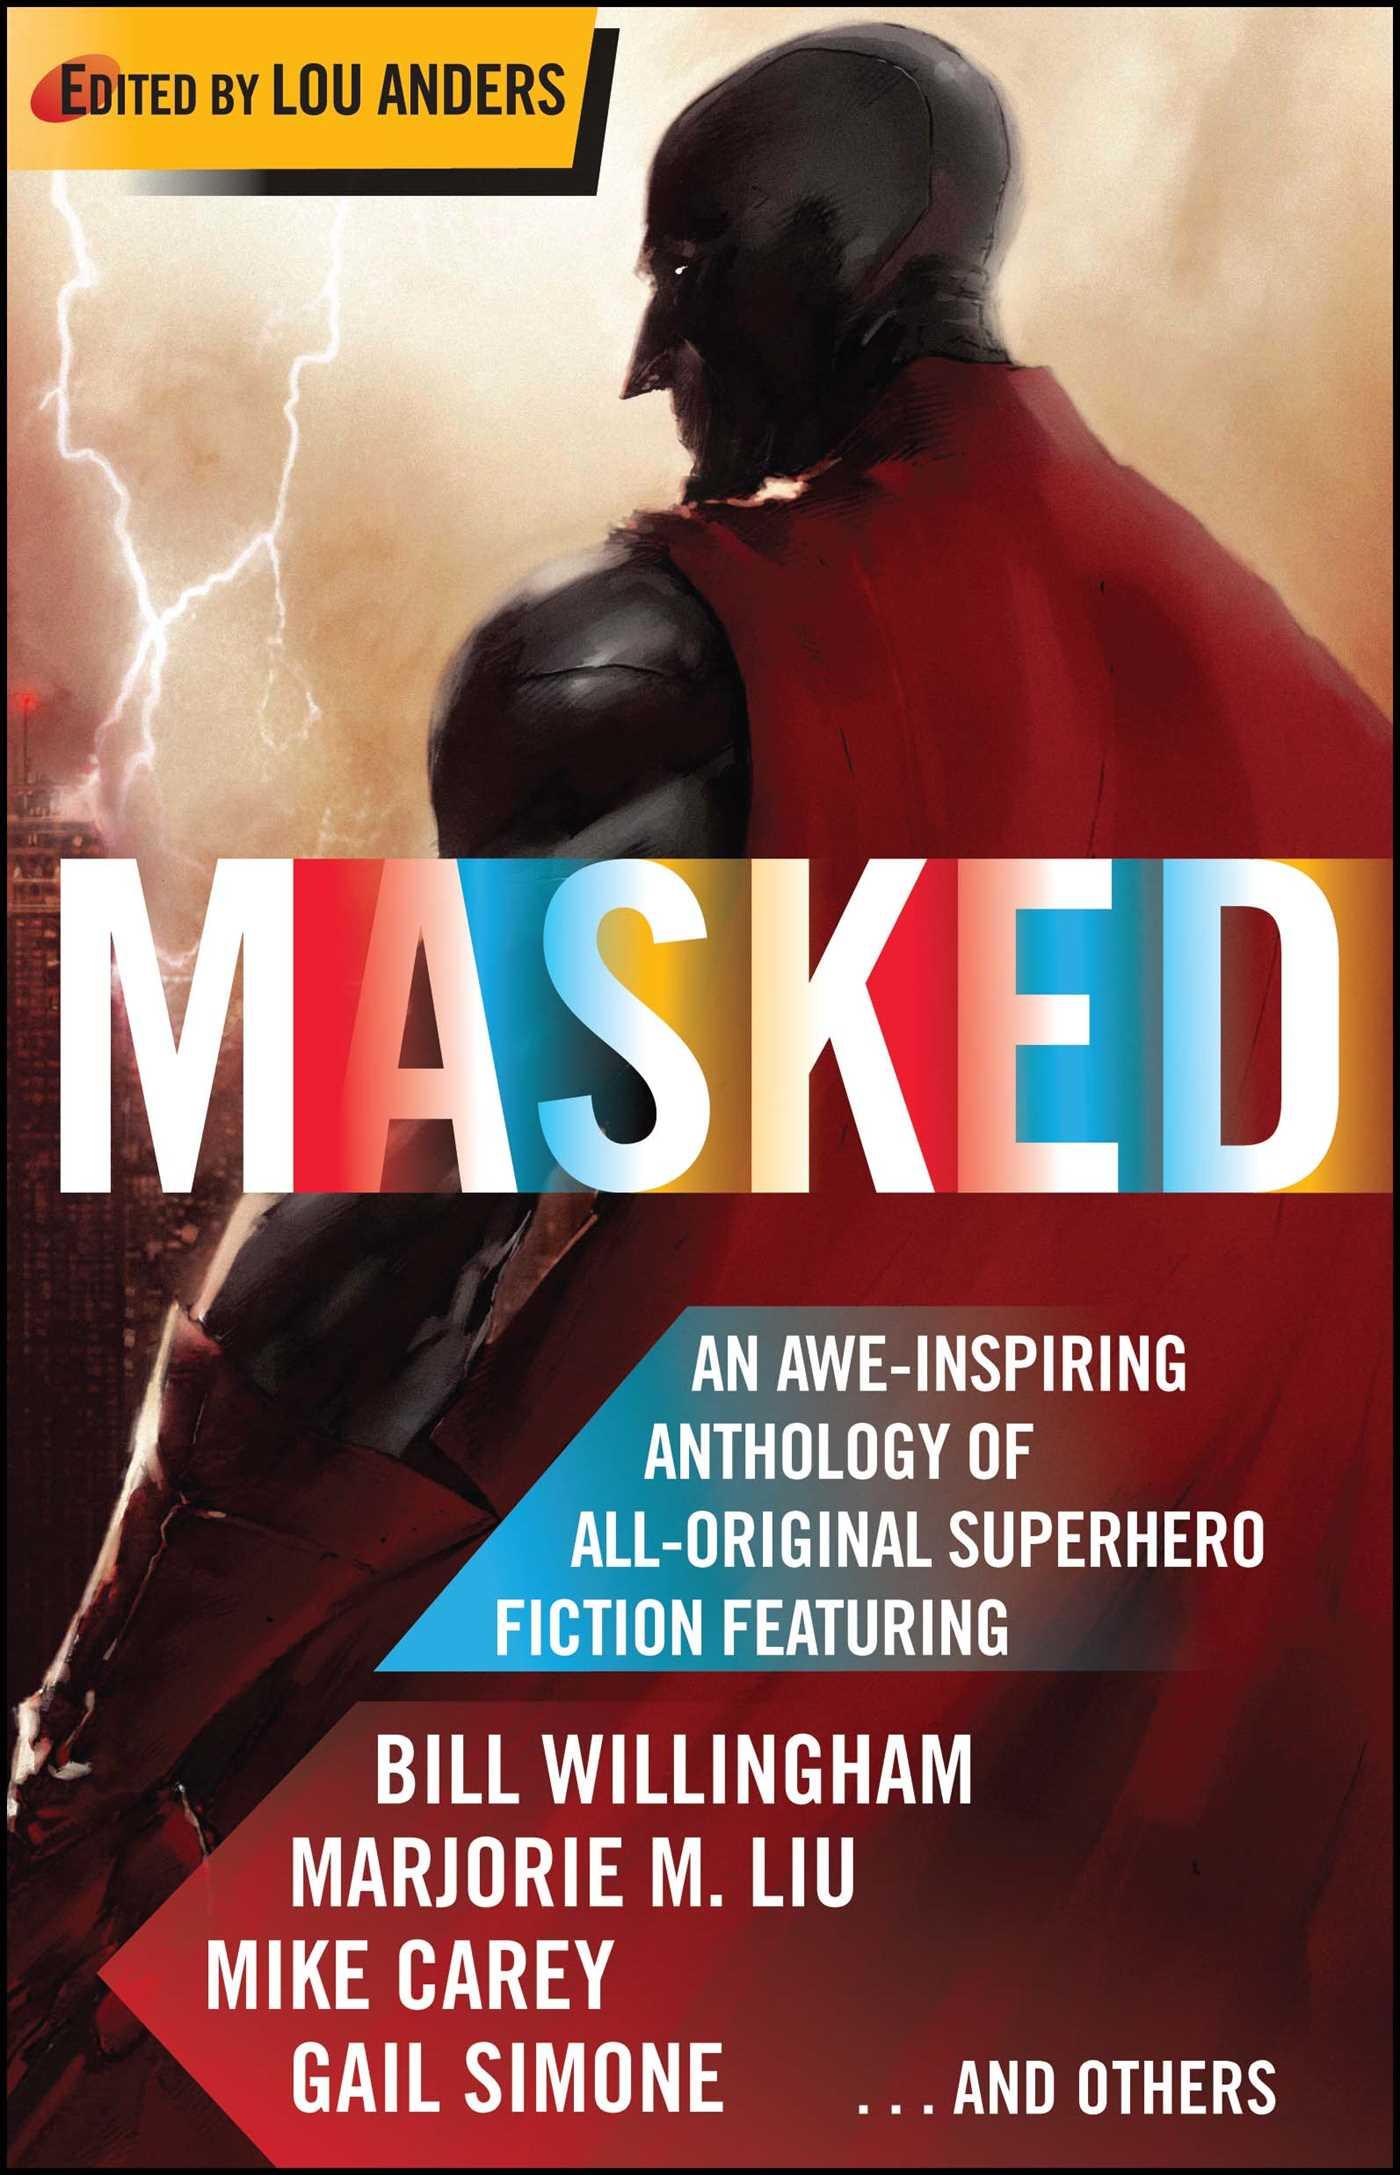 Masked 9781439168820 hr